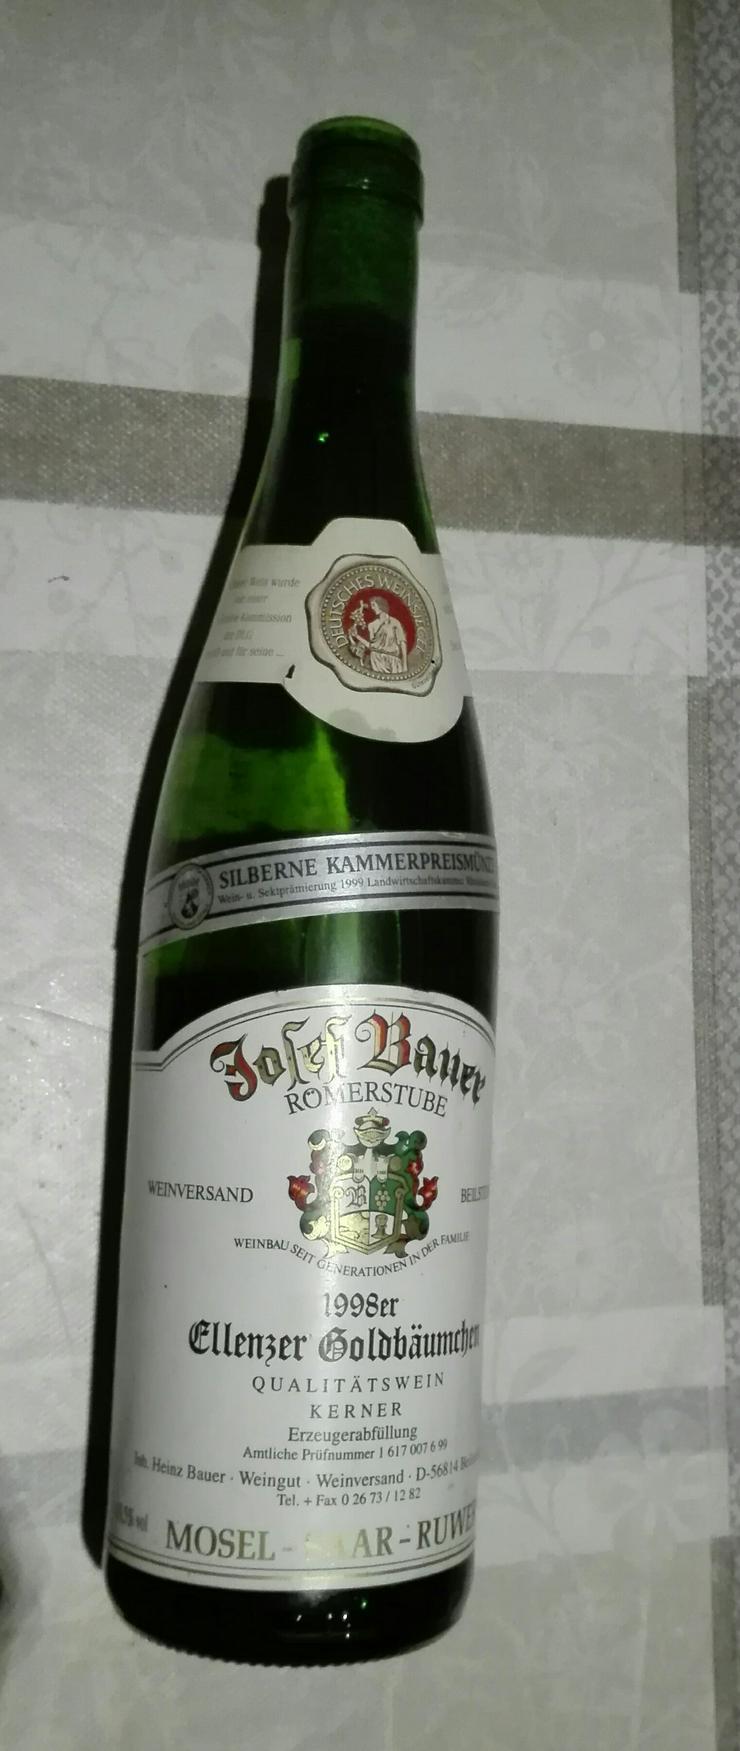 Bild 3: Weinflasche 1998 Ellenzer Goldbäumchen, Qualitätswein Kerner